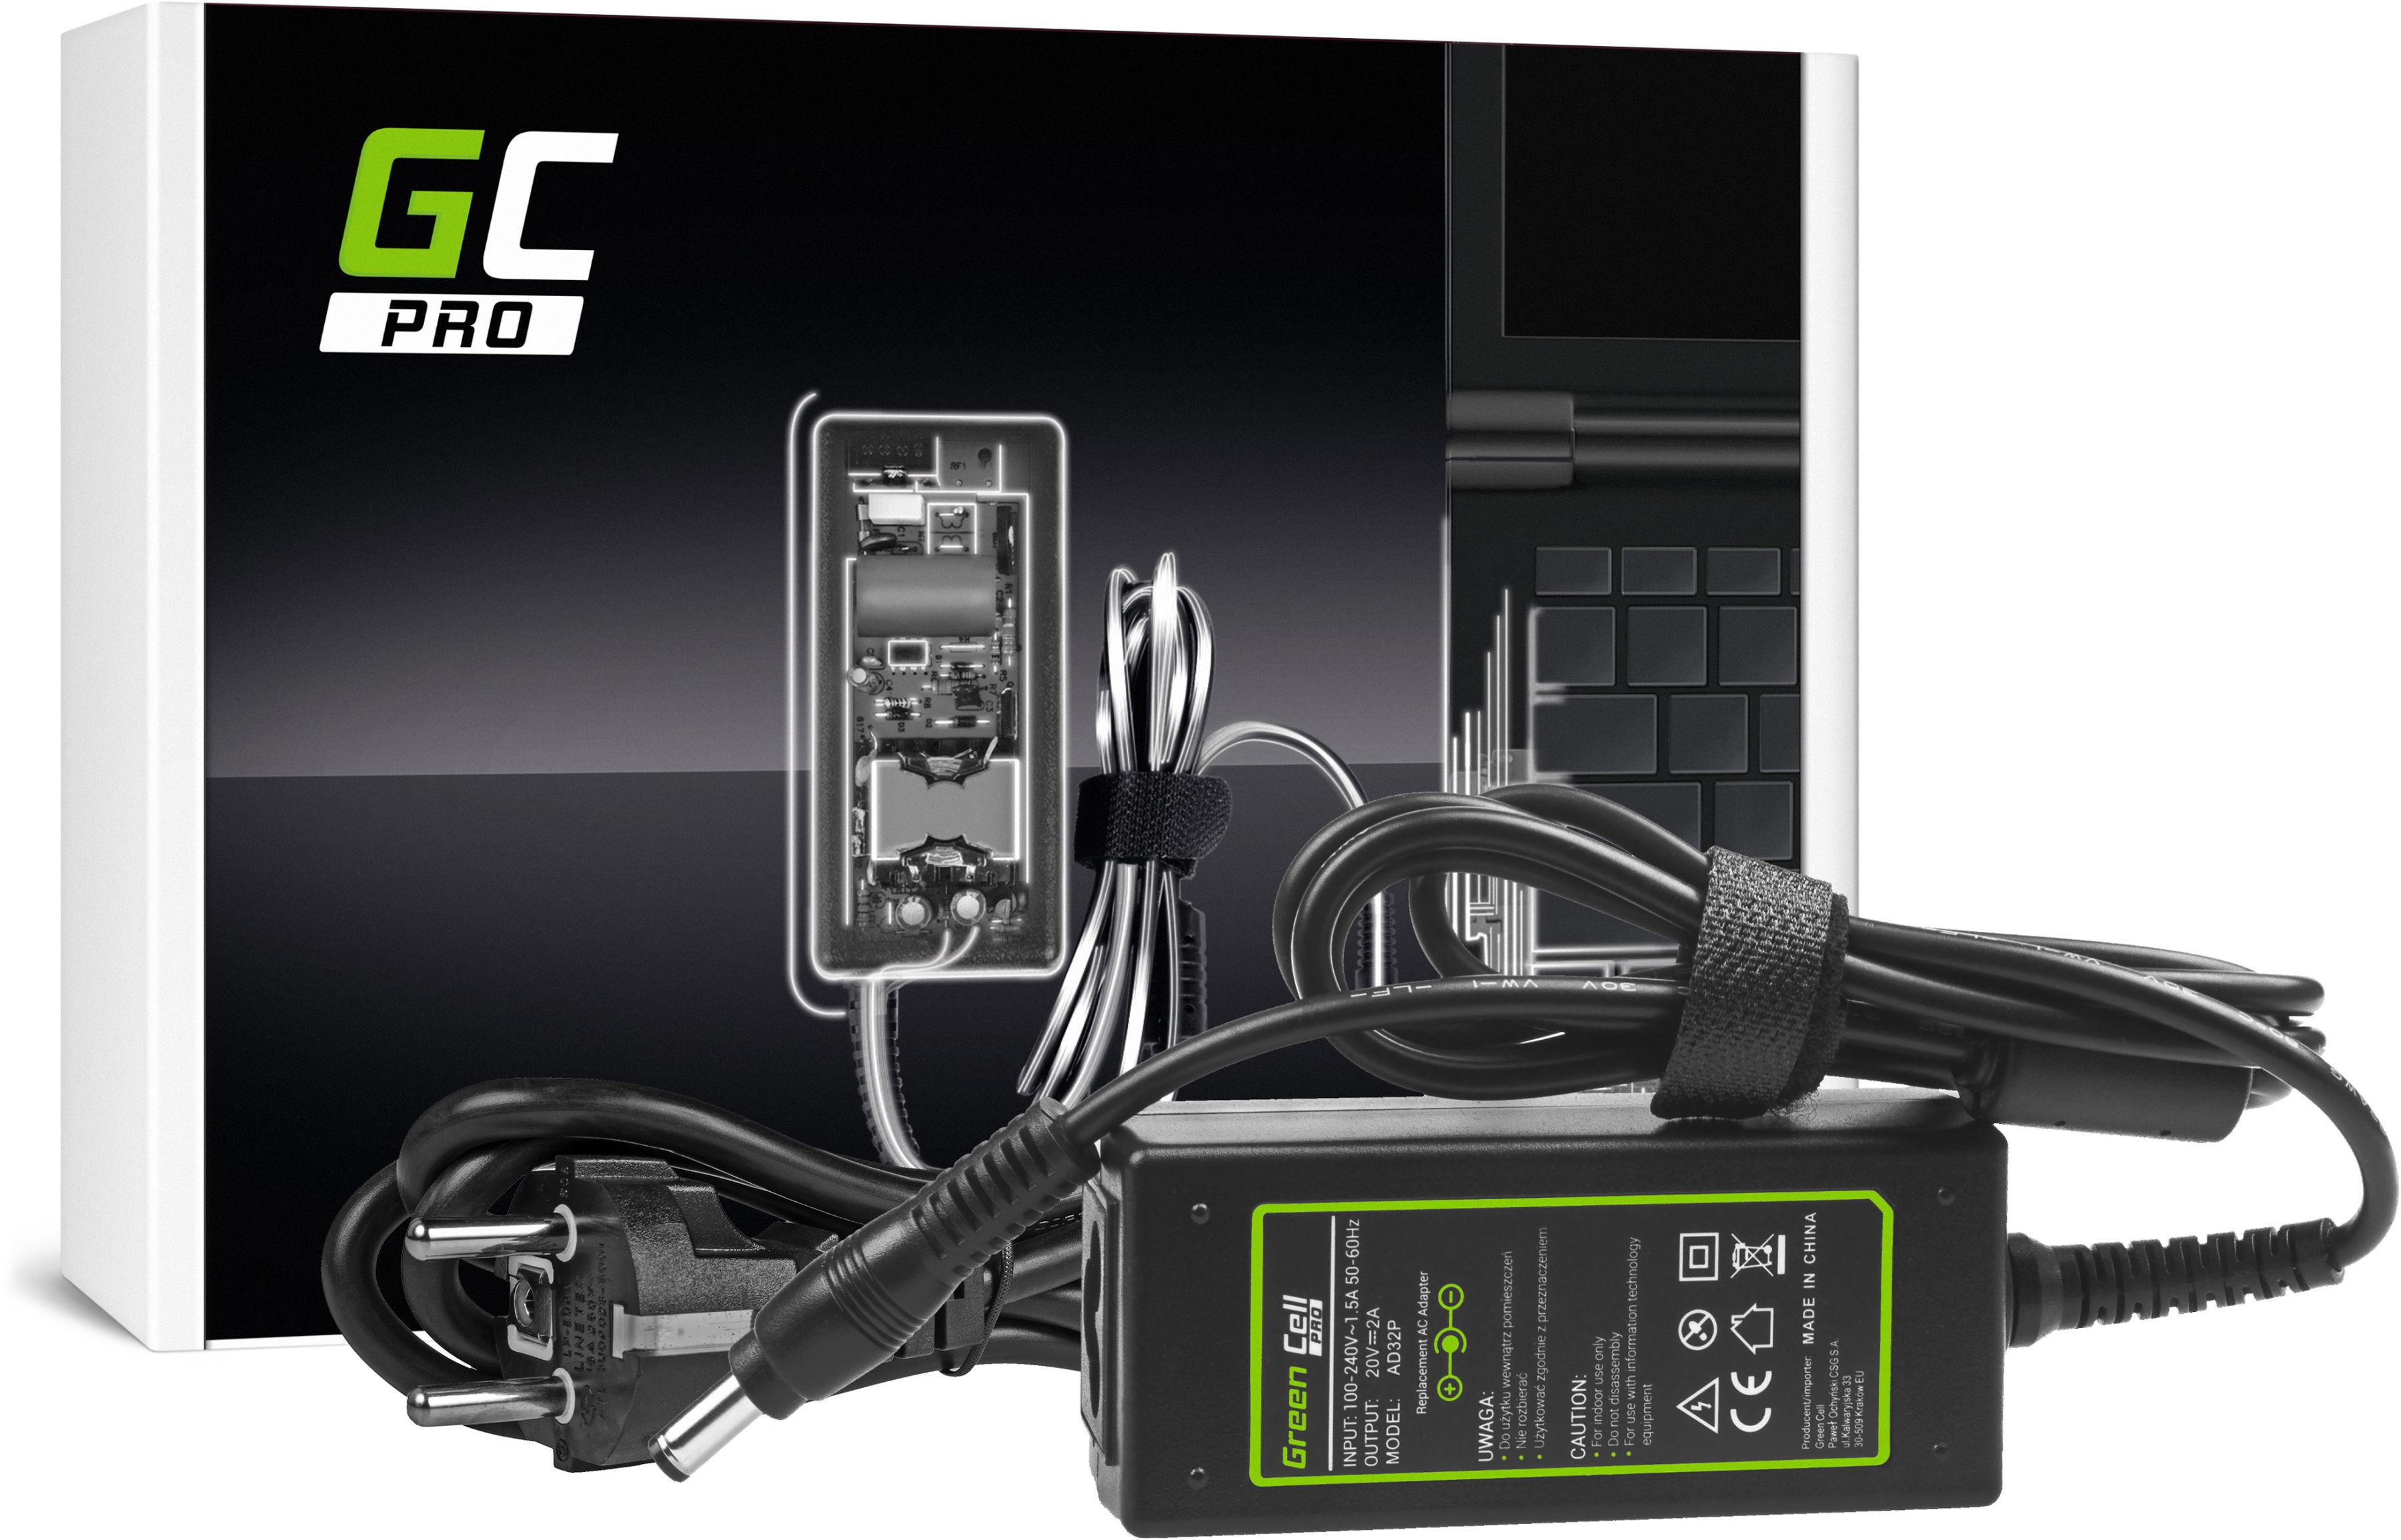 Zasilacz Ładowarka Green Cell PRO 20V 2A 40W do Lenovo B470 G475 G485 G575 G585 IdeaPad S10 S10e S100 S205 S310 S400 U310 U350